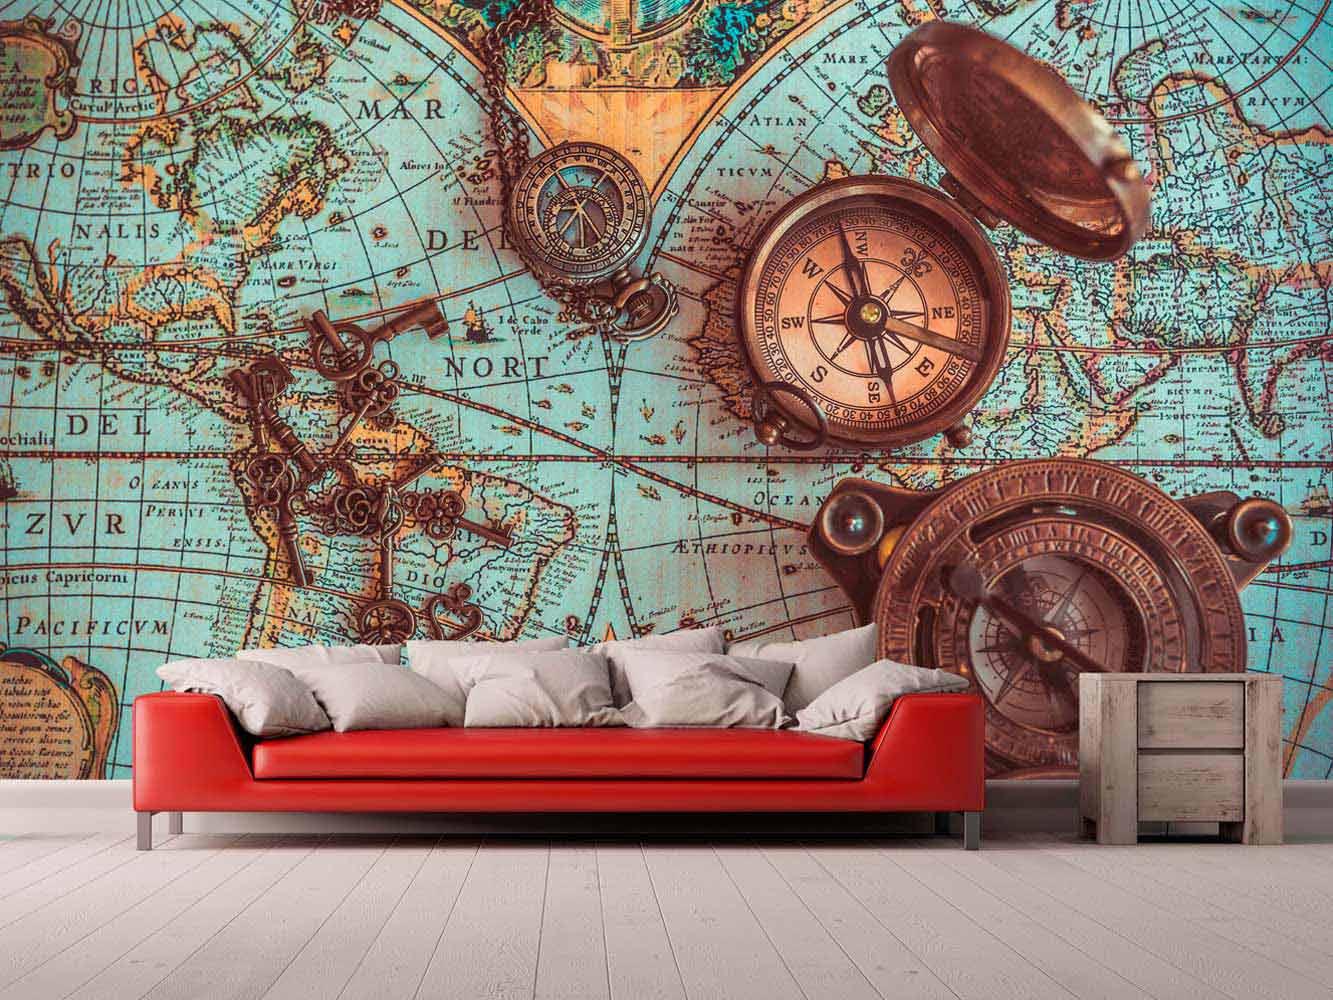 Fotomural Papel Pintado Mapa Antiguo | Carteles XXL - Impresión carteleria publicitaria